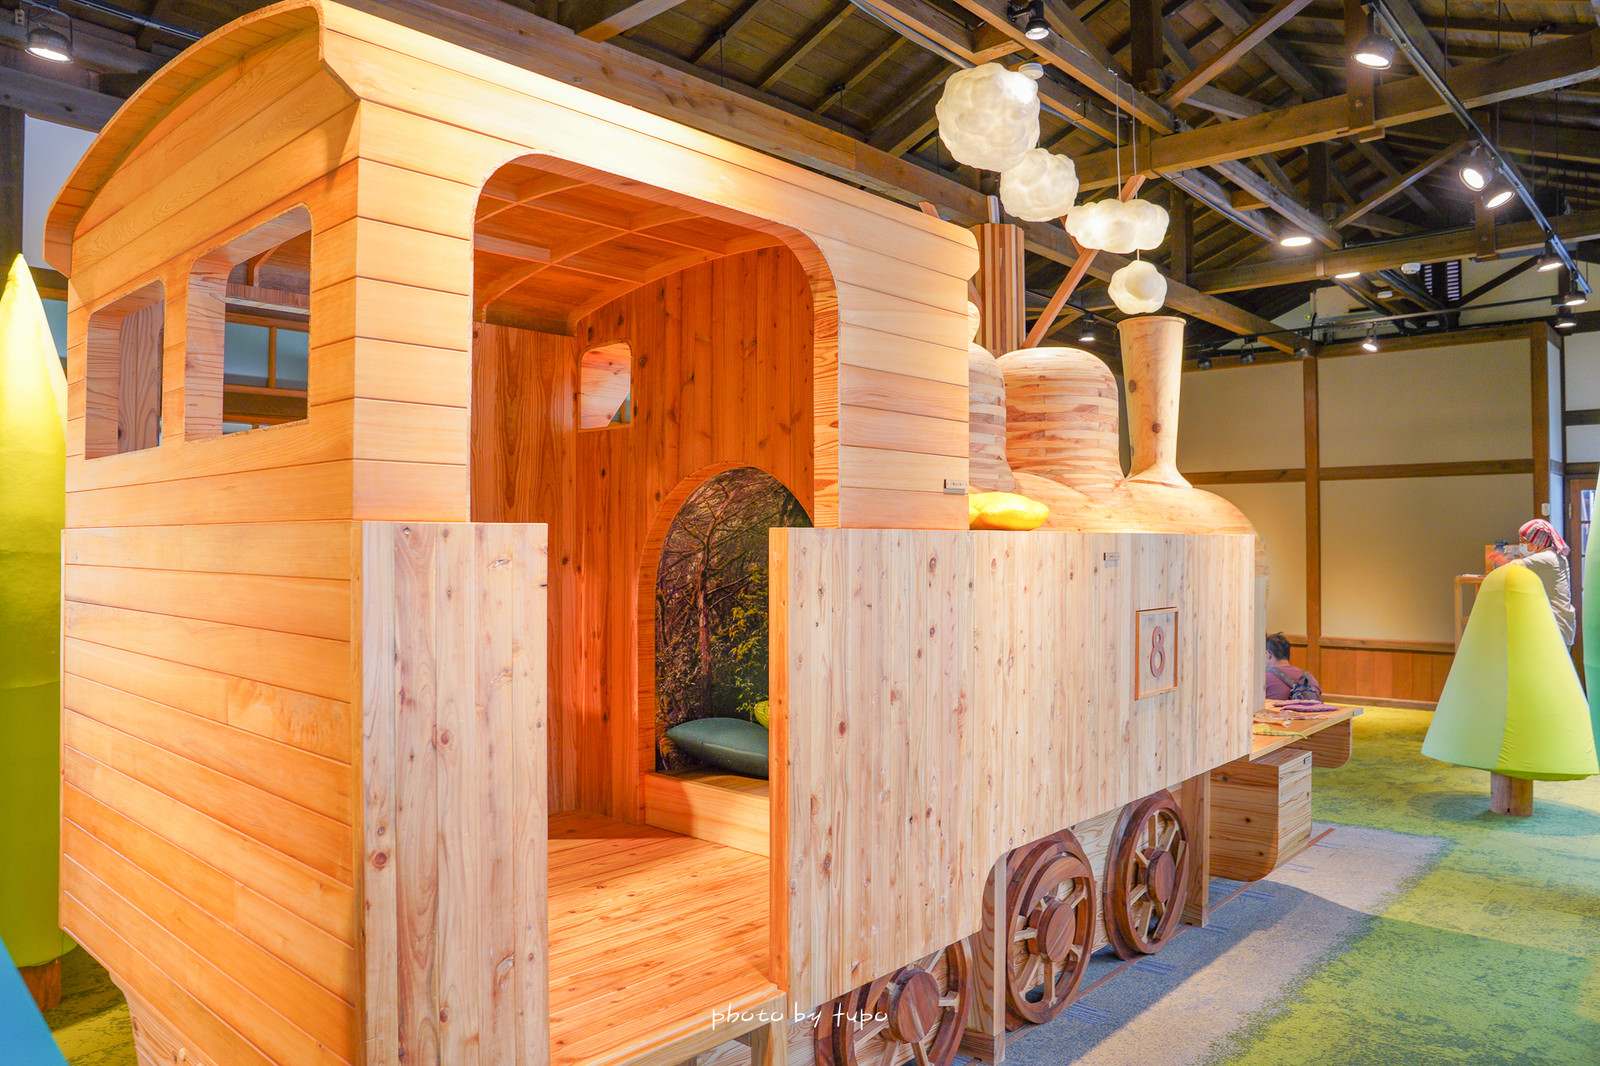 宜蘭新景點》最新森林火車主題館~林場kids扣屋,線上預約,免費參觀、室內冷氣、大樹葉遊戲區、來去火車裡探險囉!